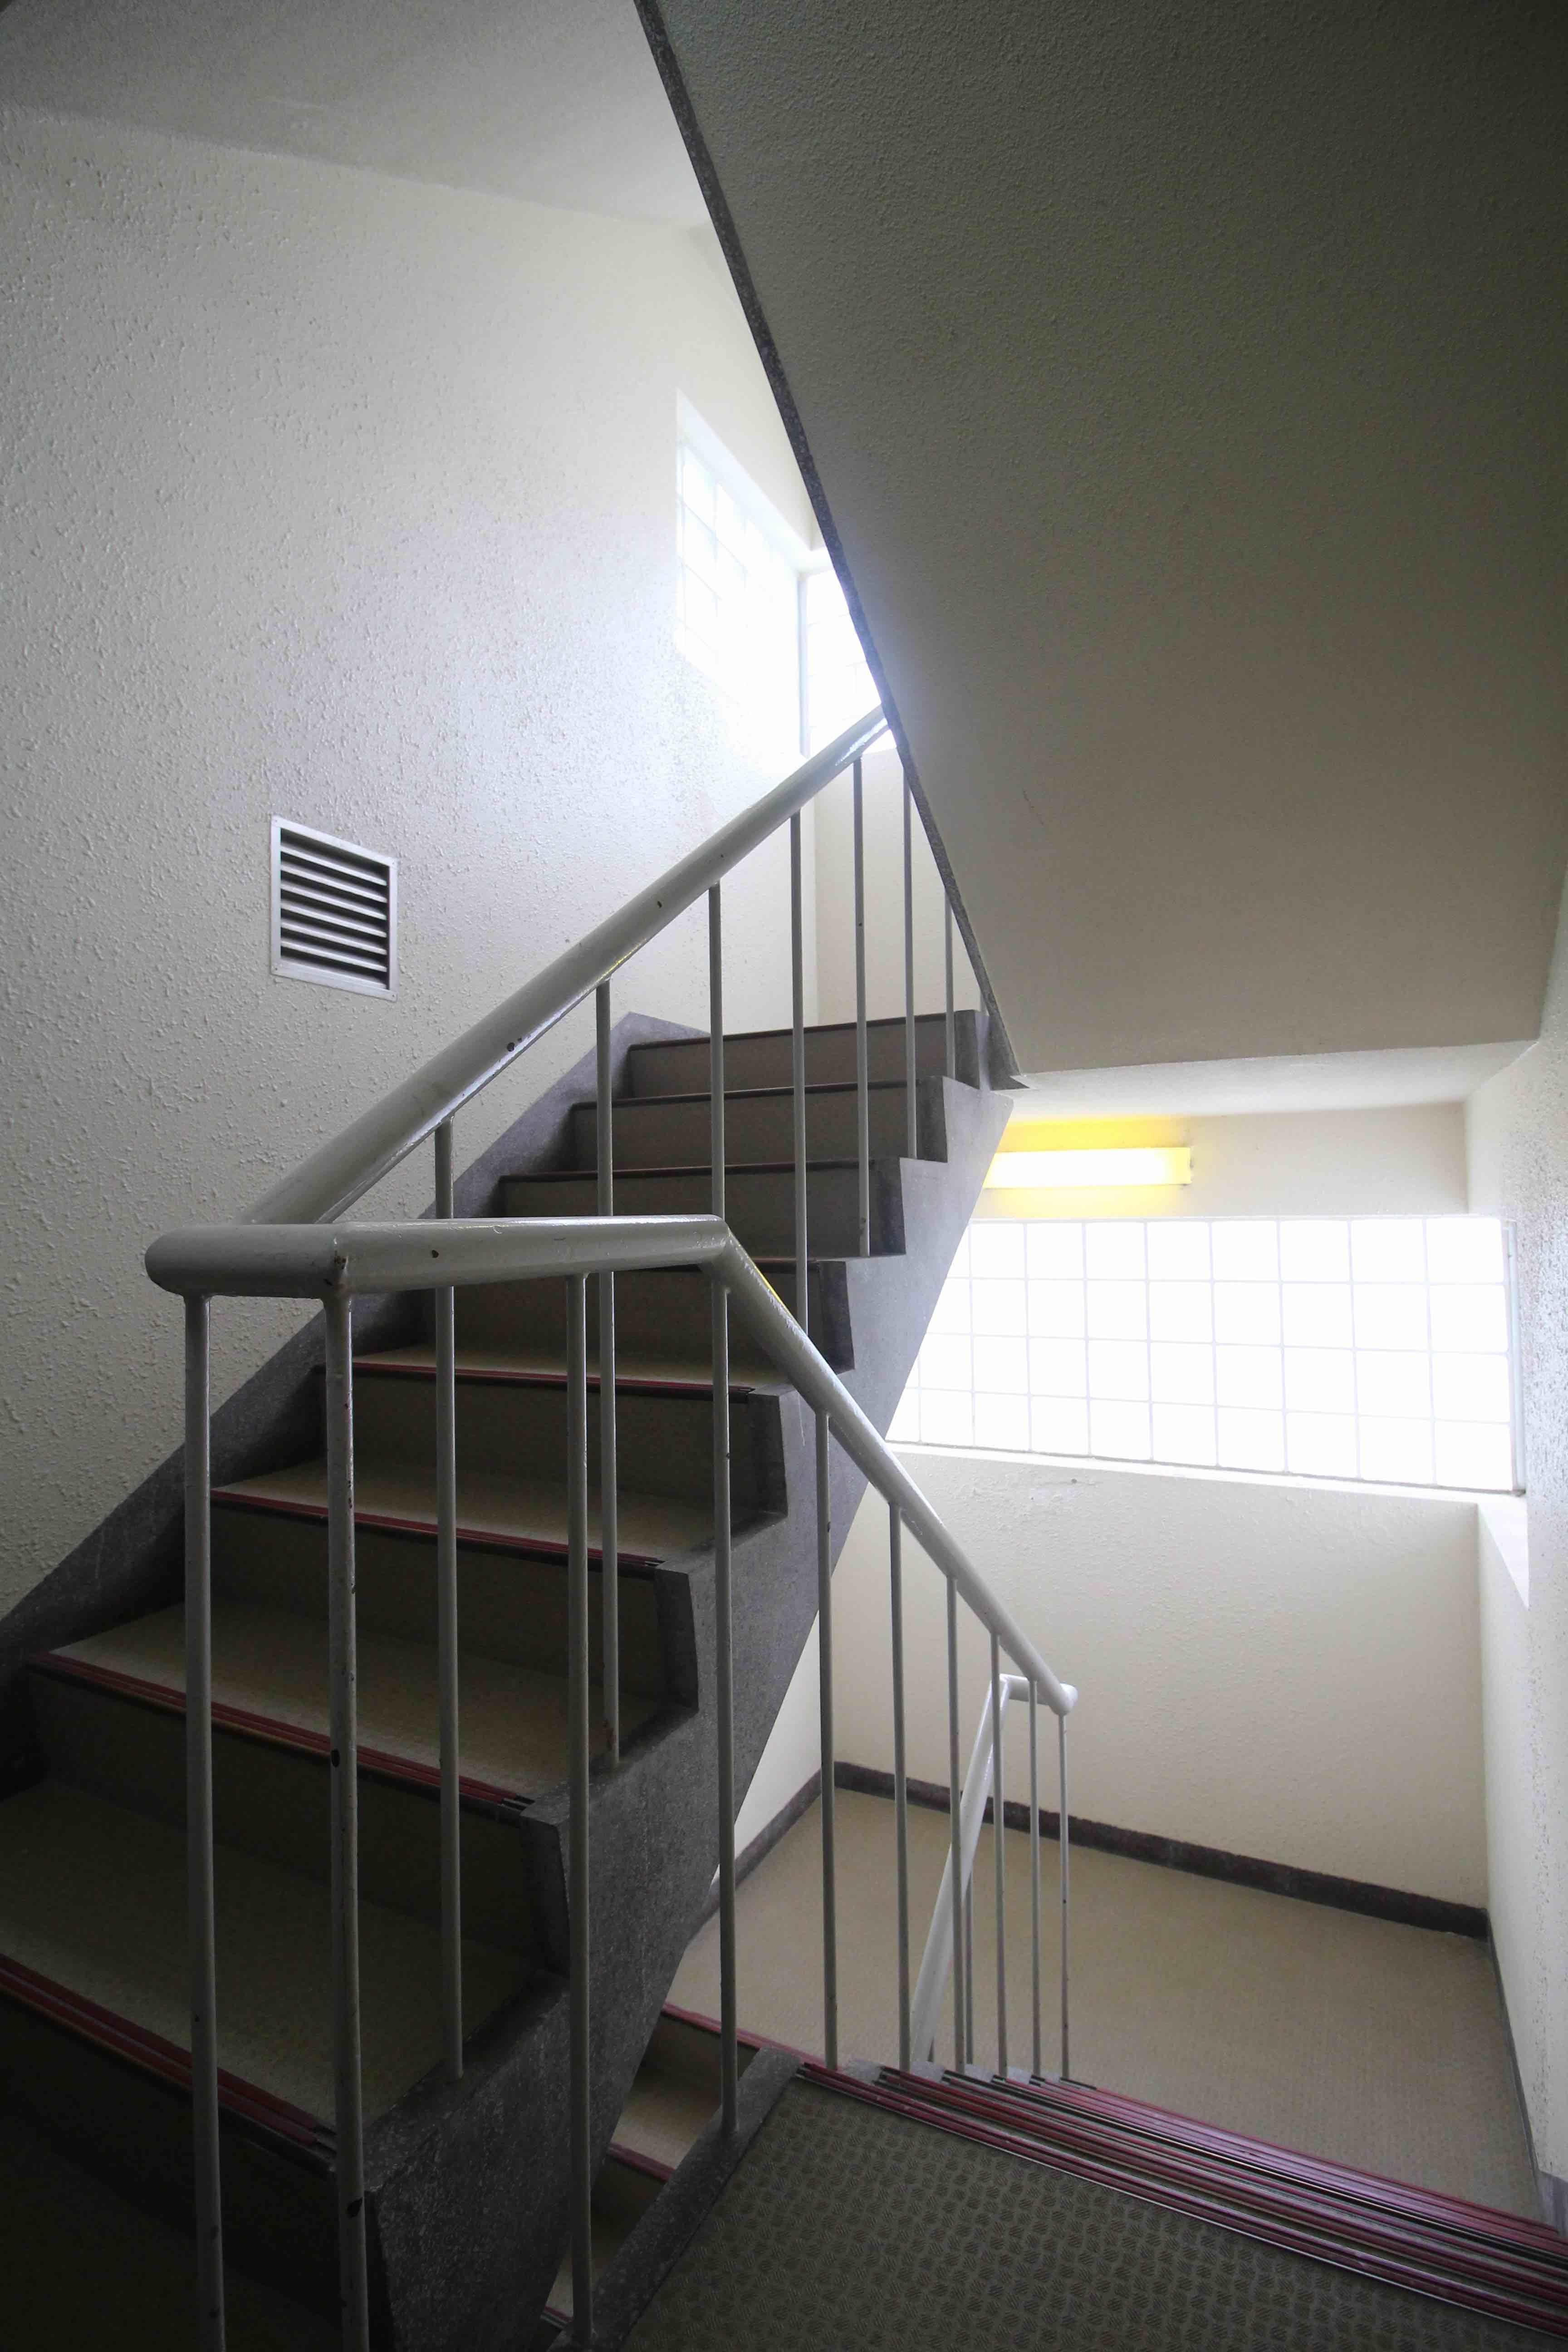 ガラスブロックから光が差し込む共用階段